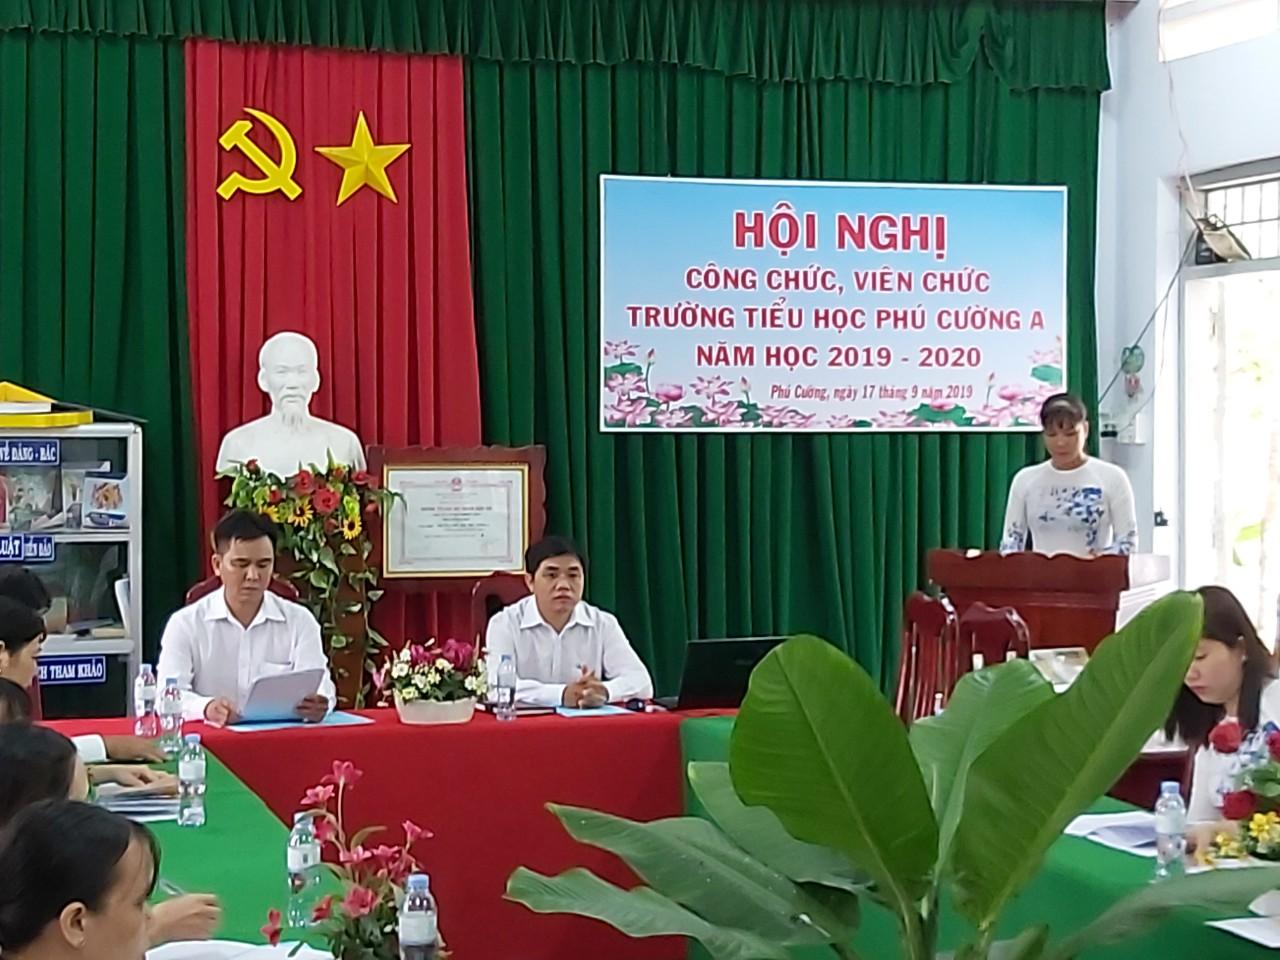 Đồng chí Ngô Minh Nhựt - Chủ tịch Công đoàn, tổng hợp ý kiến từ đoàn viên, lao động trong đơn vị.